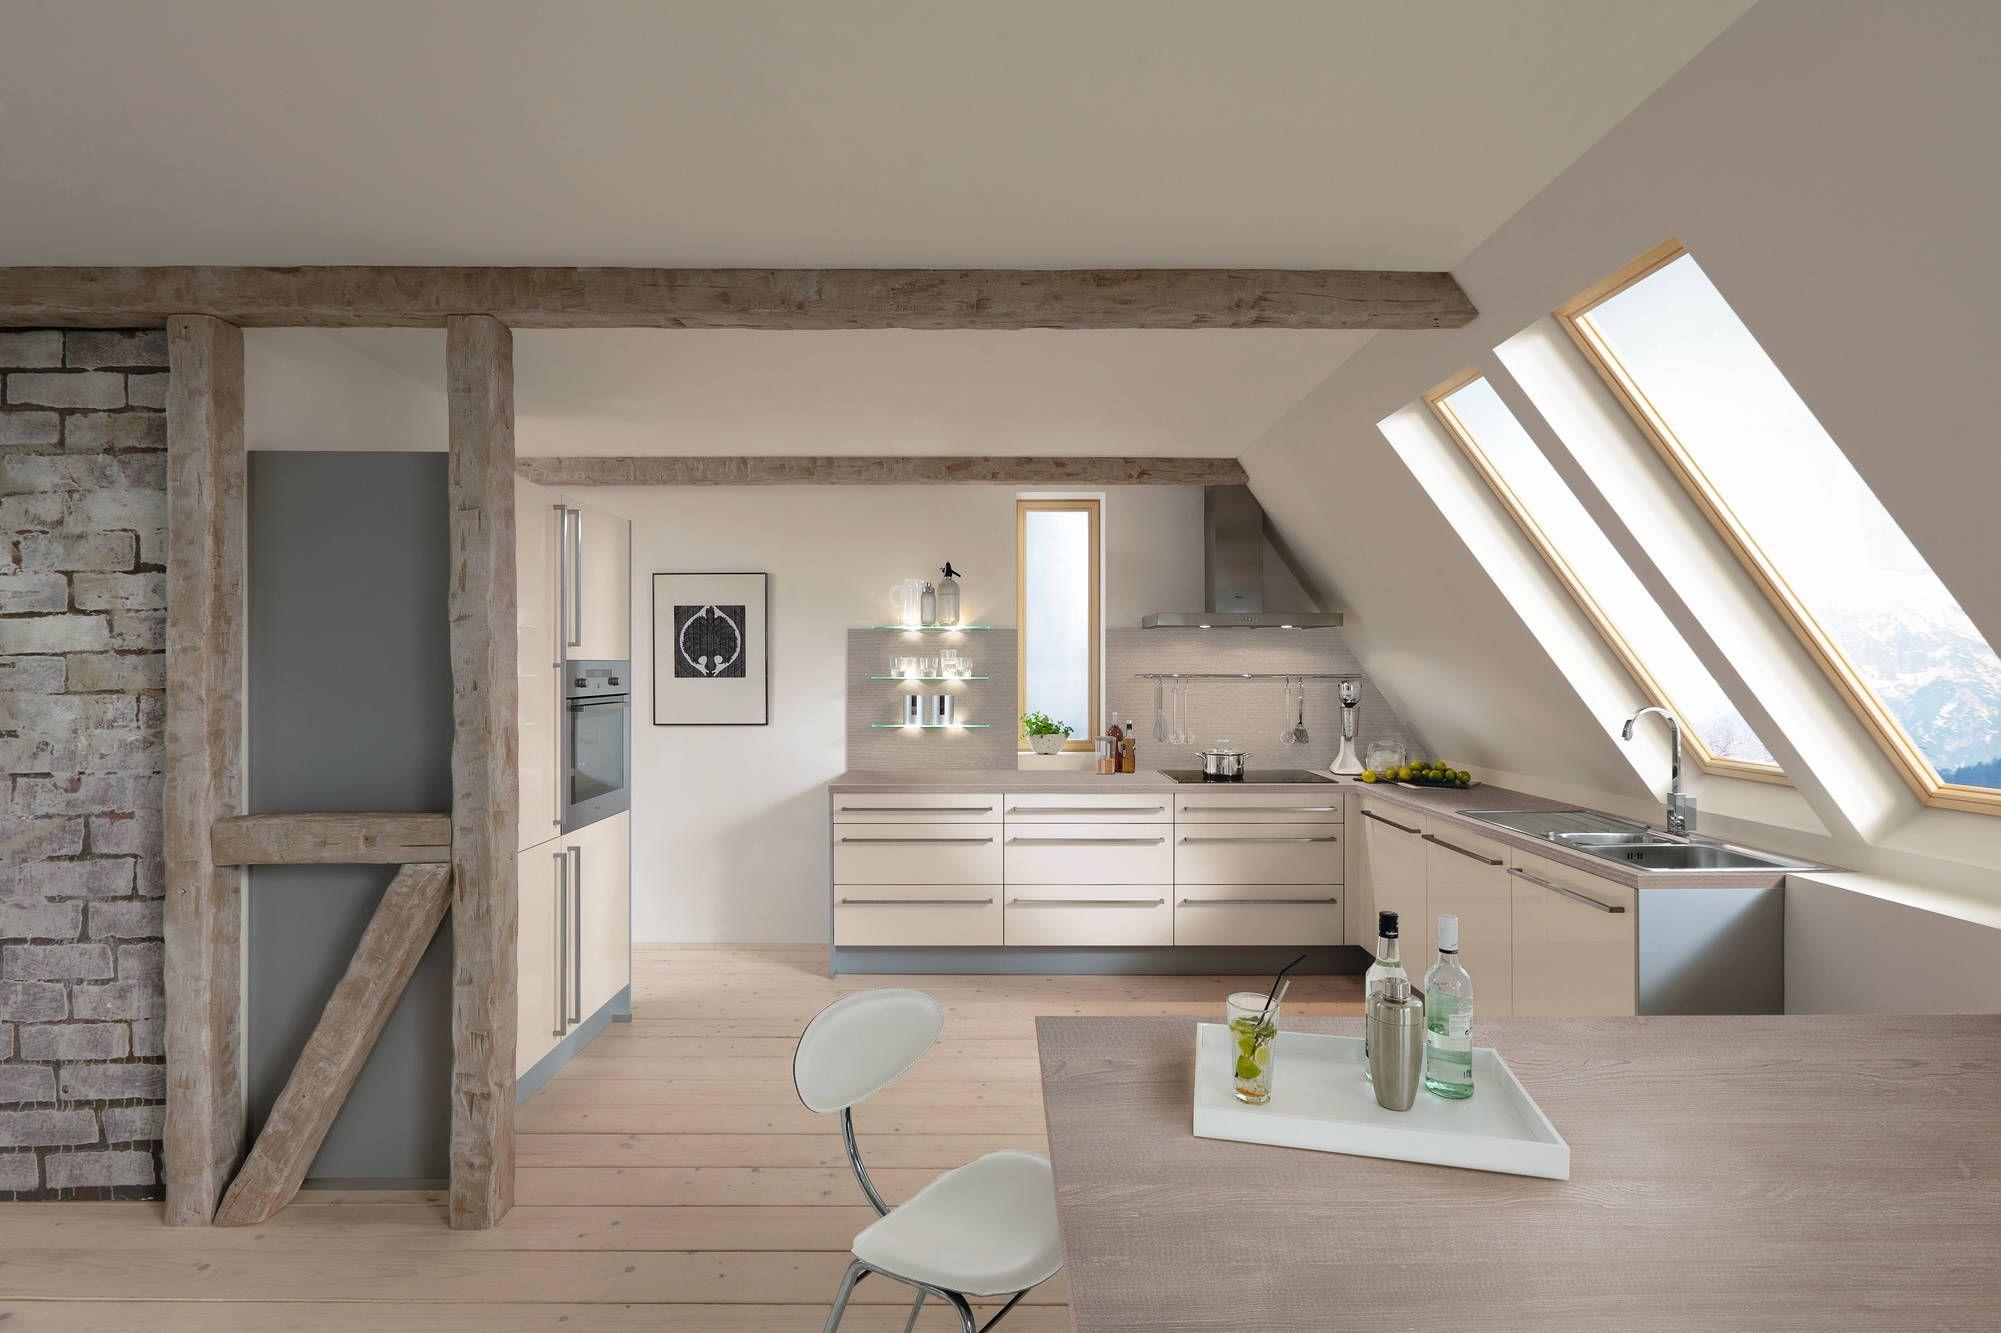 Moderne Keuken Onder Schuin Dak Perfecte Keuken Voor In Een Loft Appartement Dit Zorgt Voor Een Instant Modern Look Hotelinterieurs Thuis Keukens